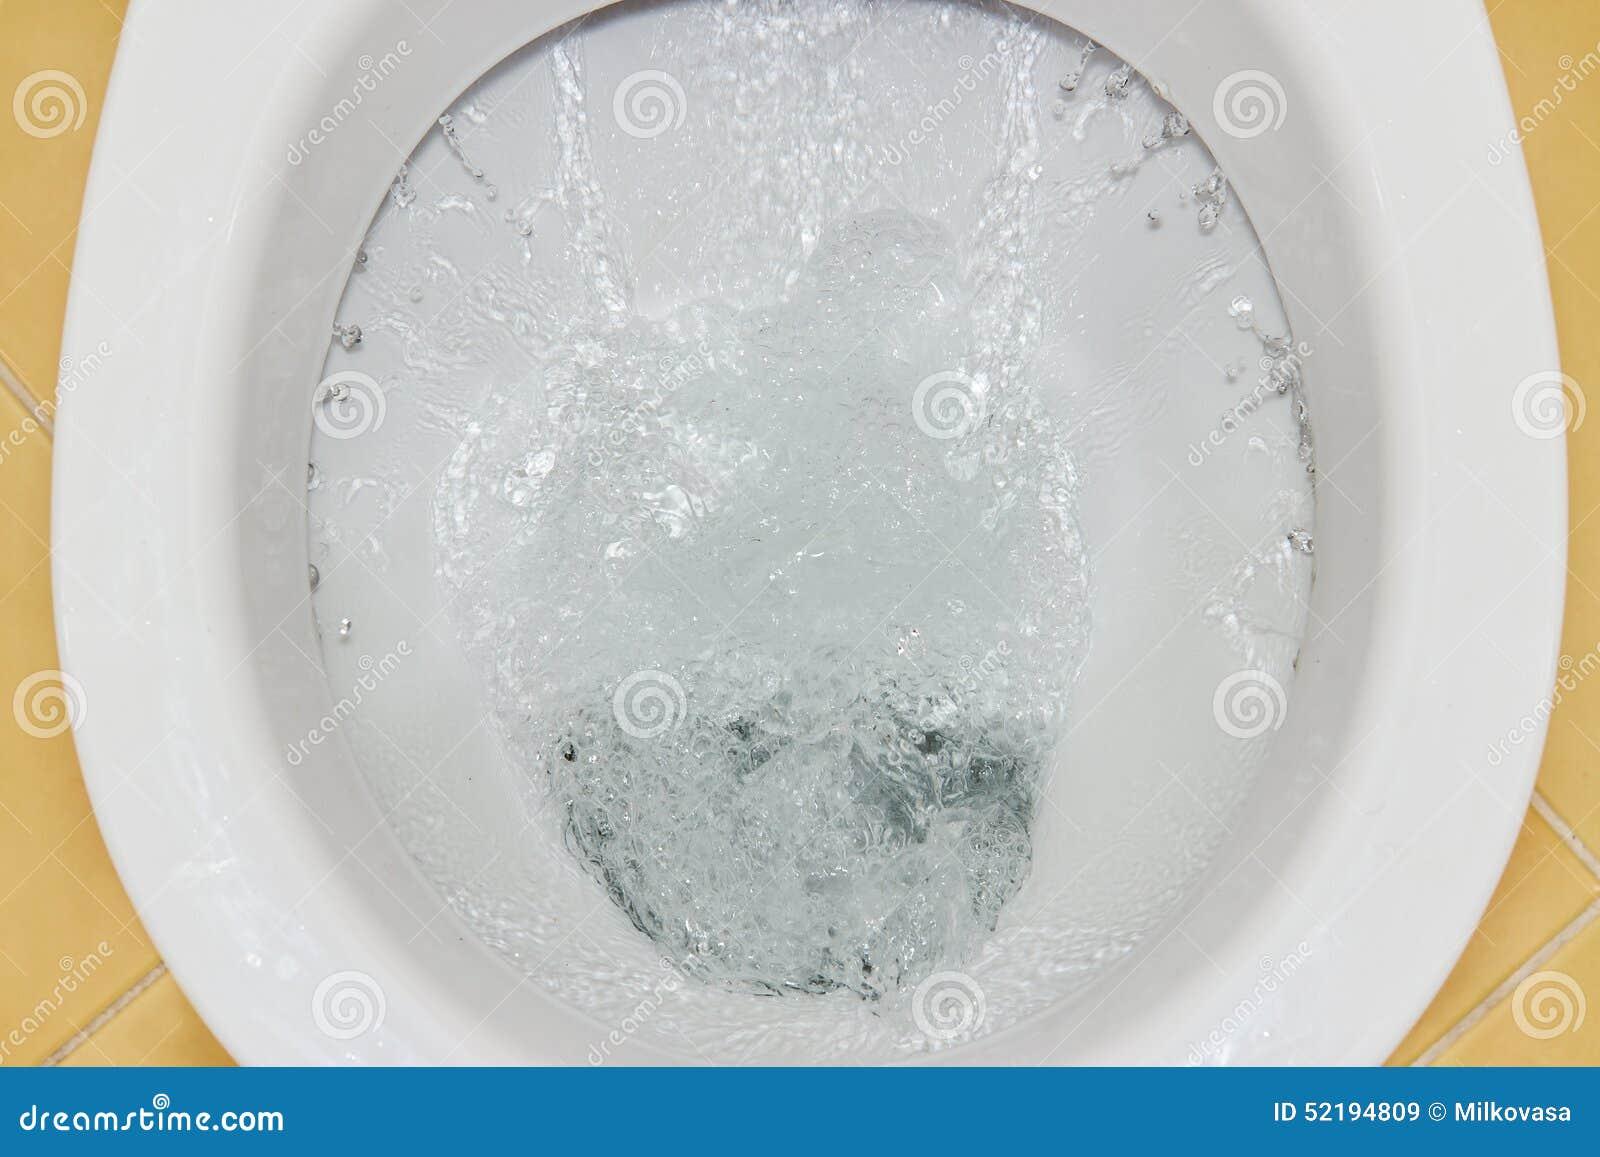 limpiar la taza del inodoro con un chorro de agua imagen